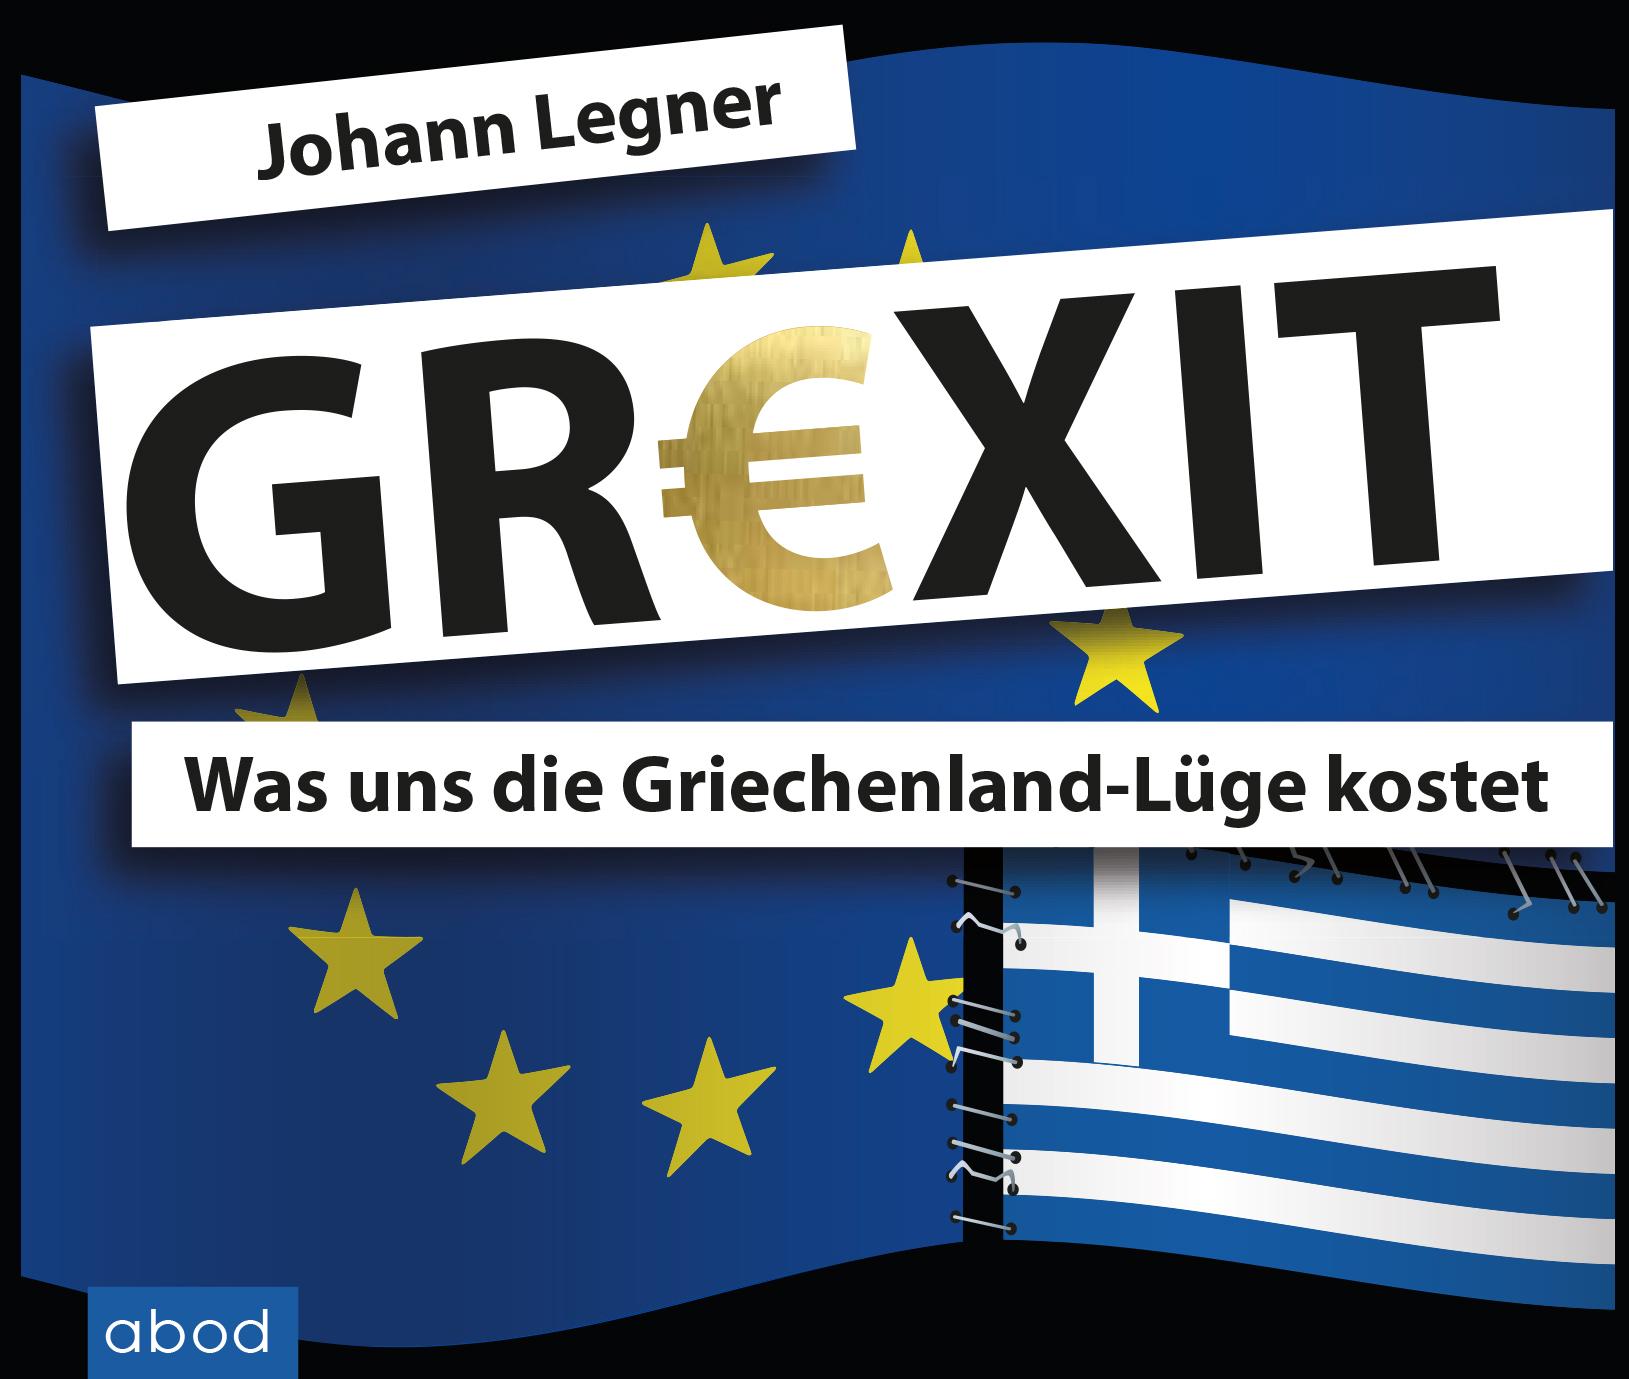 Grexit, Johann Legner